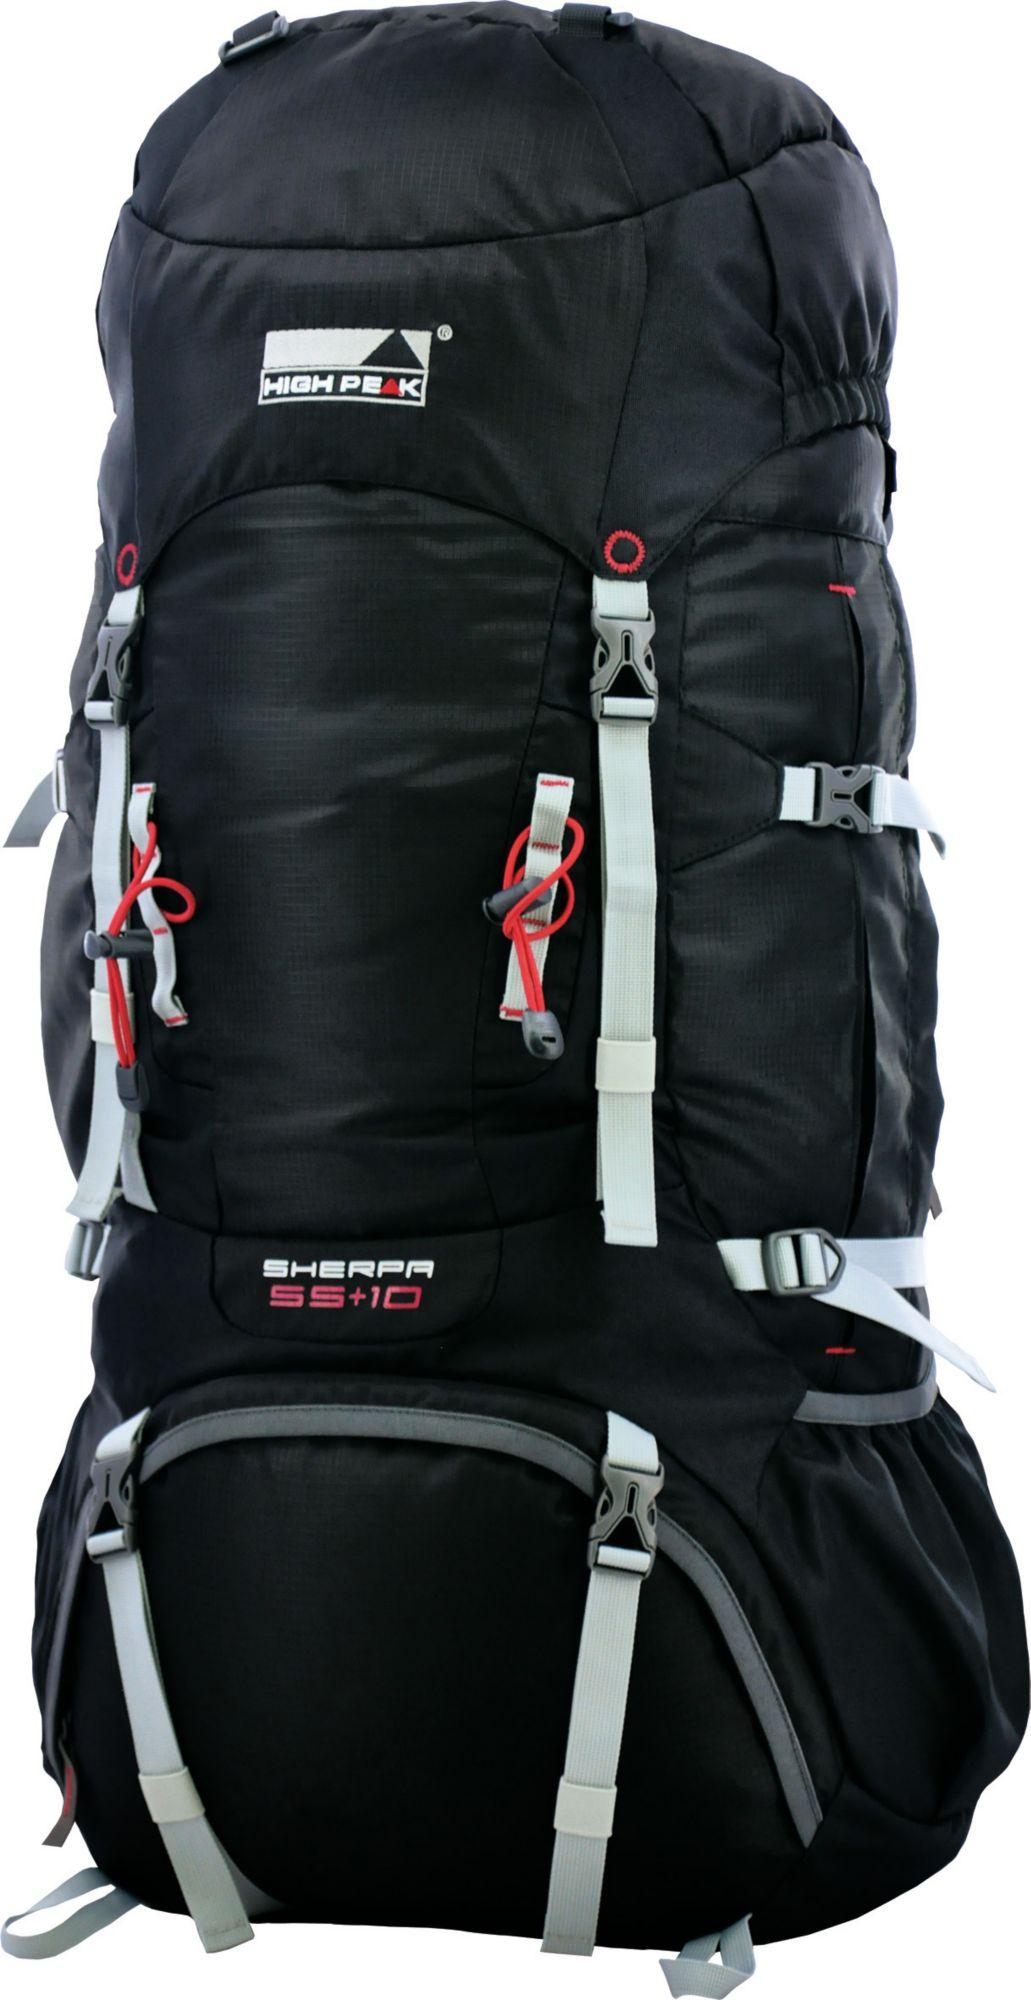 HIGH PEAK Backpack Sherpa 55+10, Rucksack